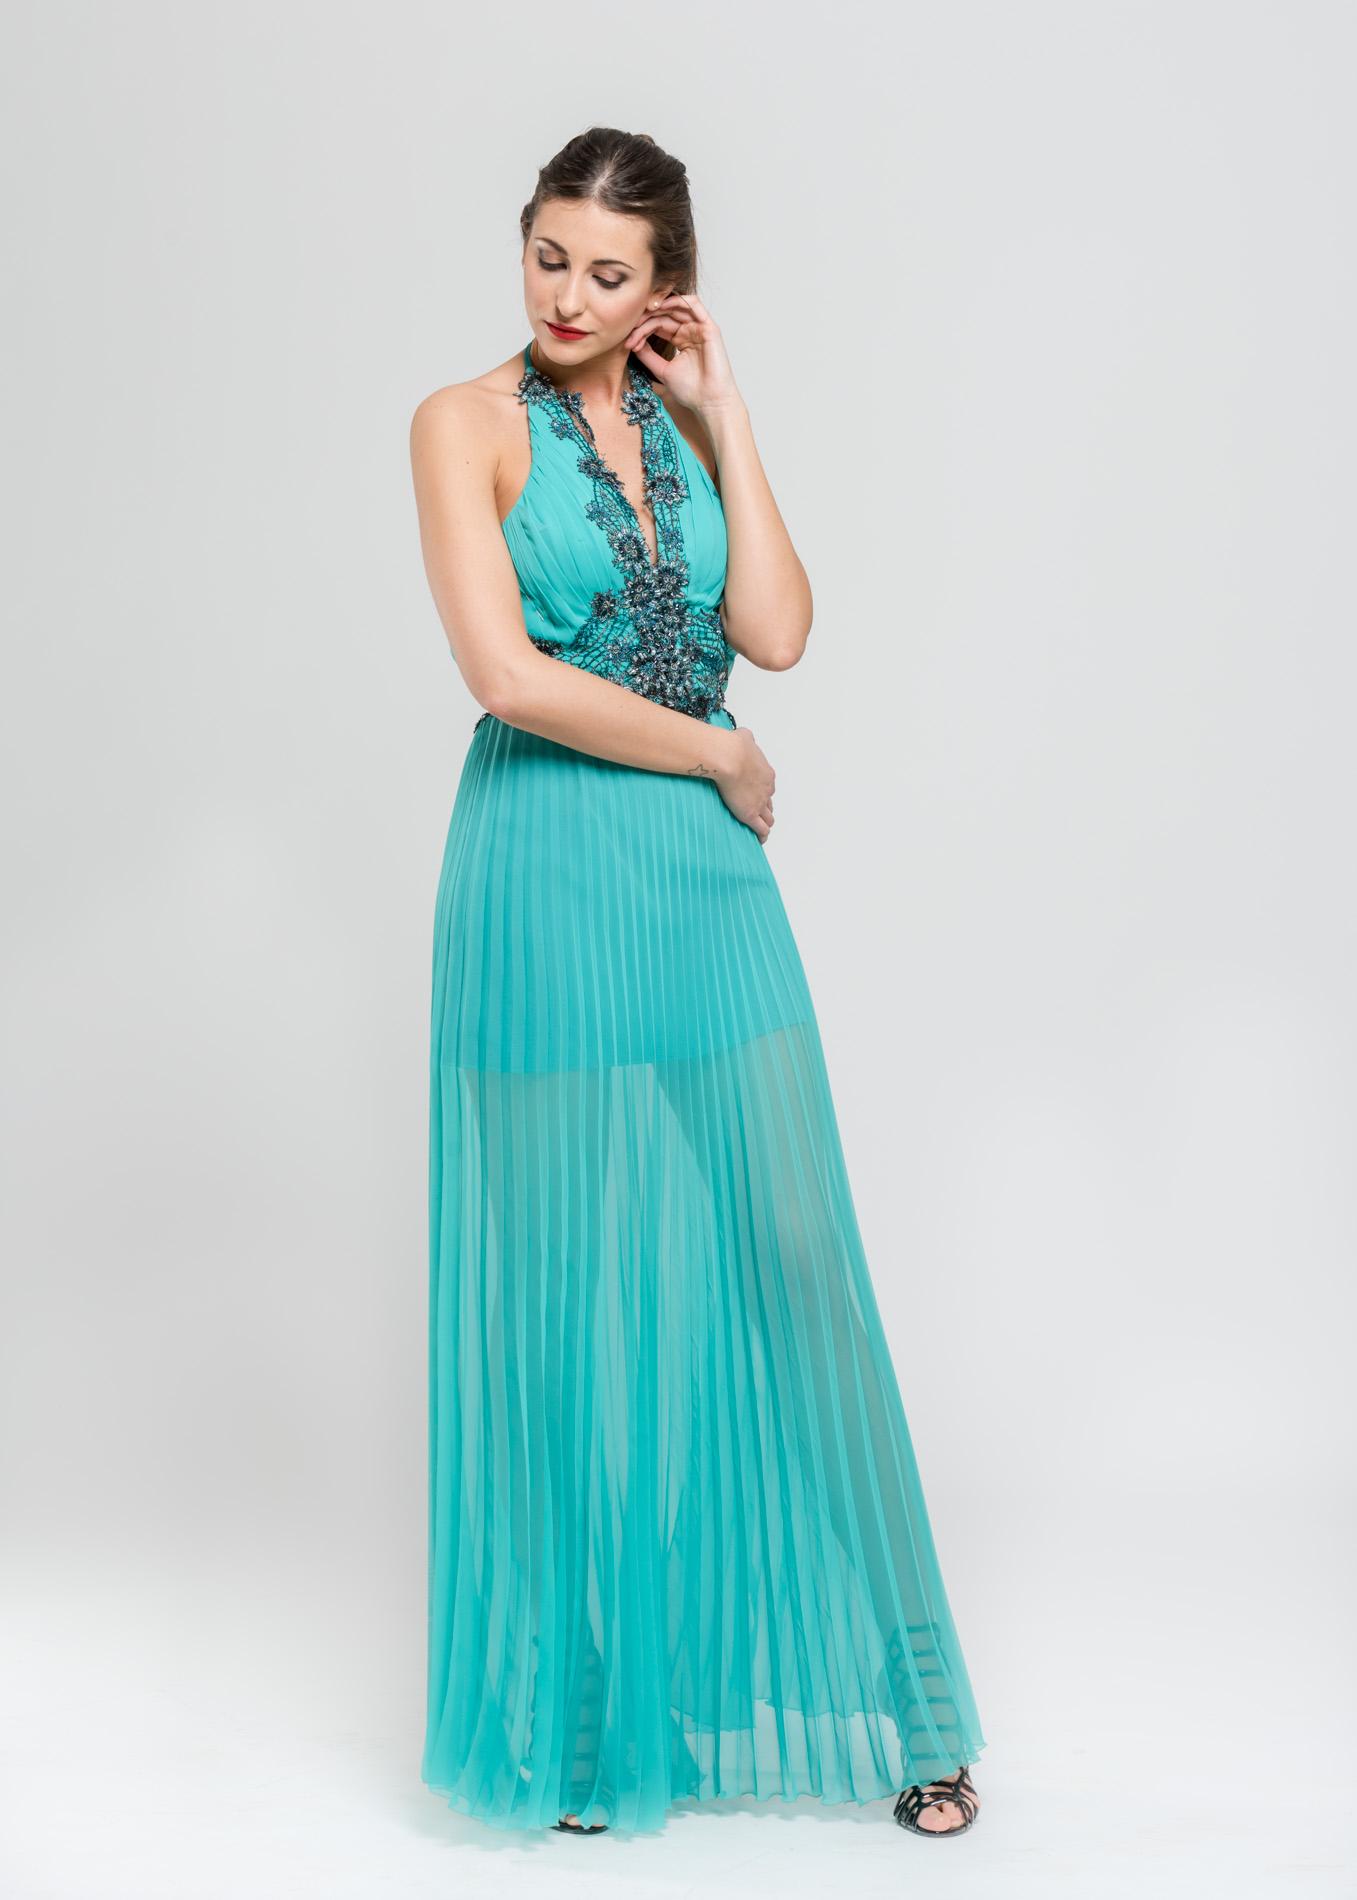 Vestiti Eleganti Verde Acqua.Abito Da Sera Verde Acqua Marianna Michelon